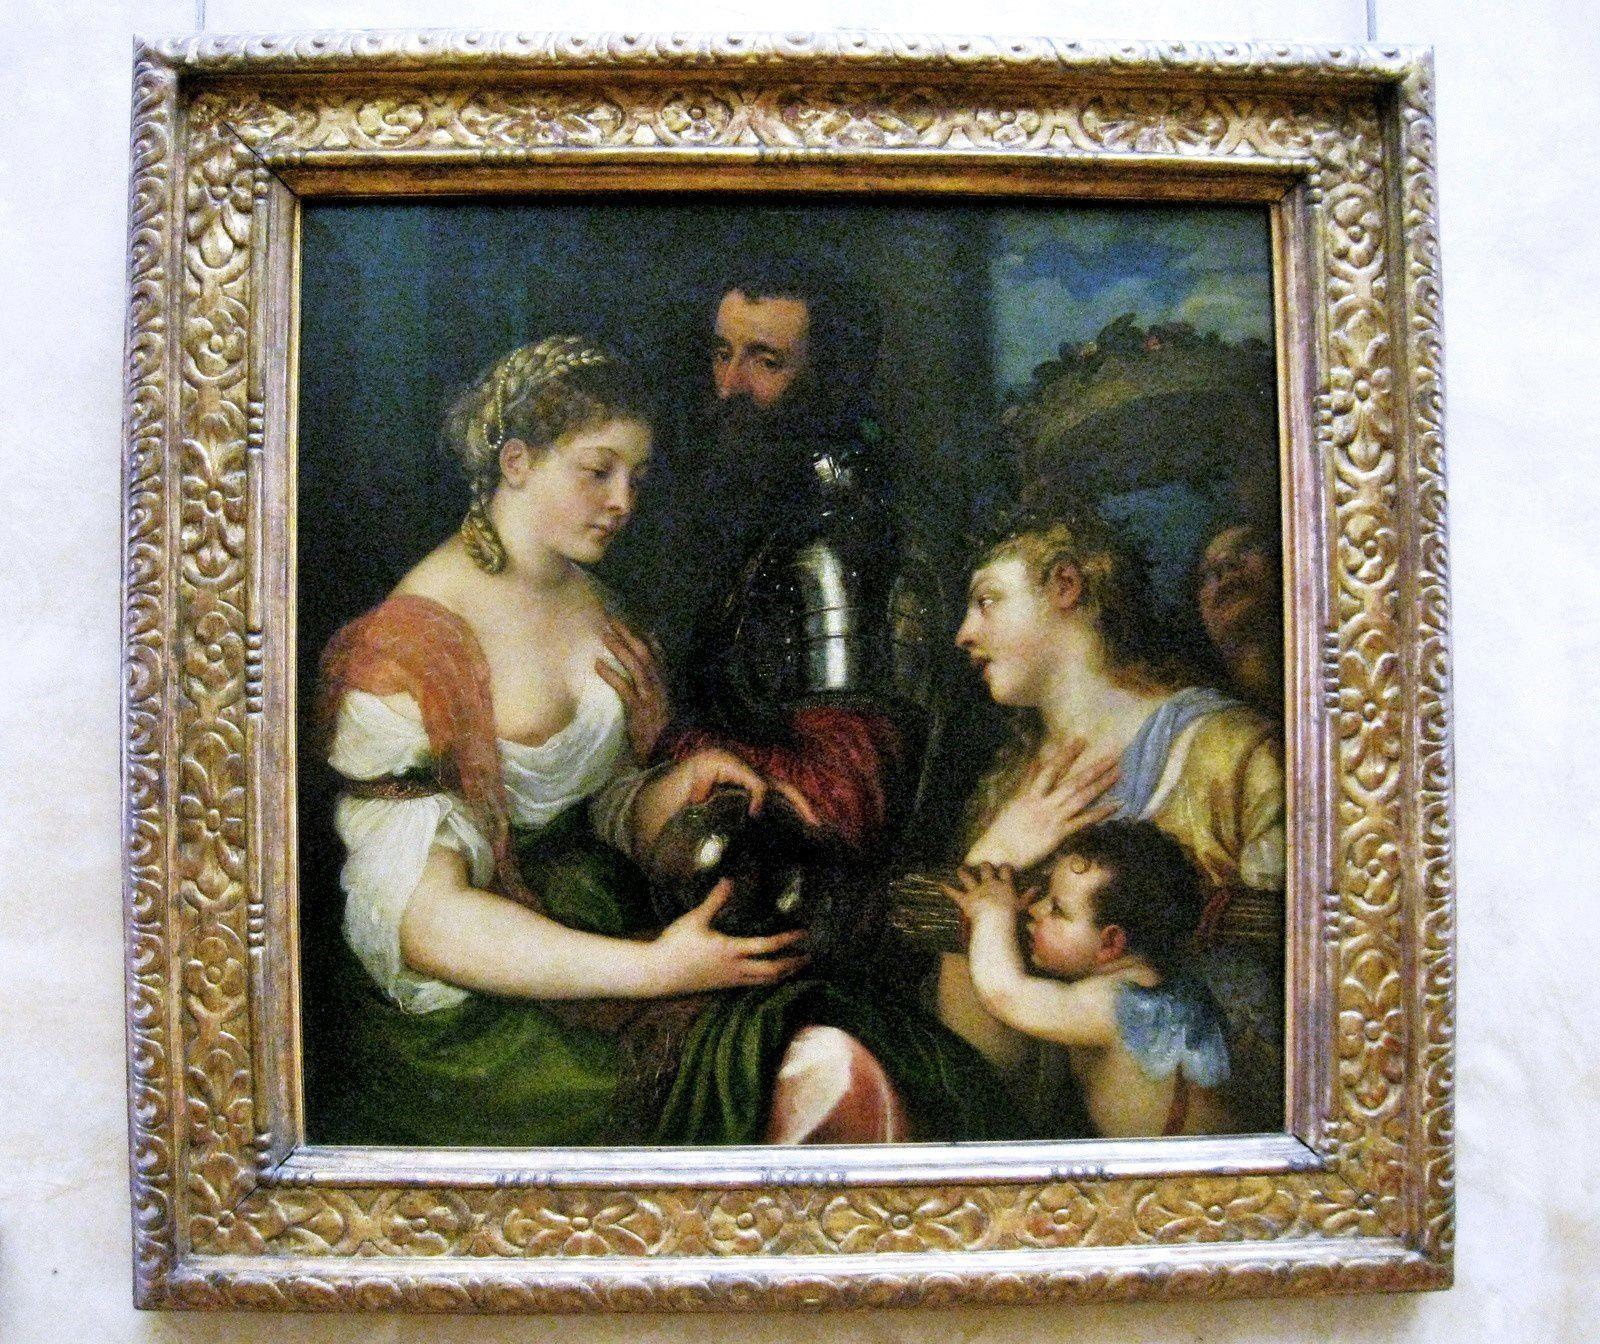 Tiziano Vecellio dit Titien, Allégorie conjugale